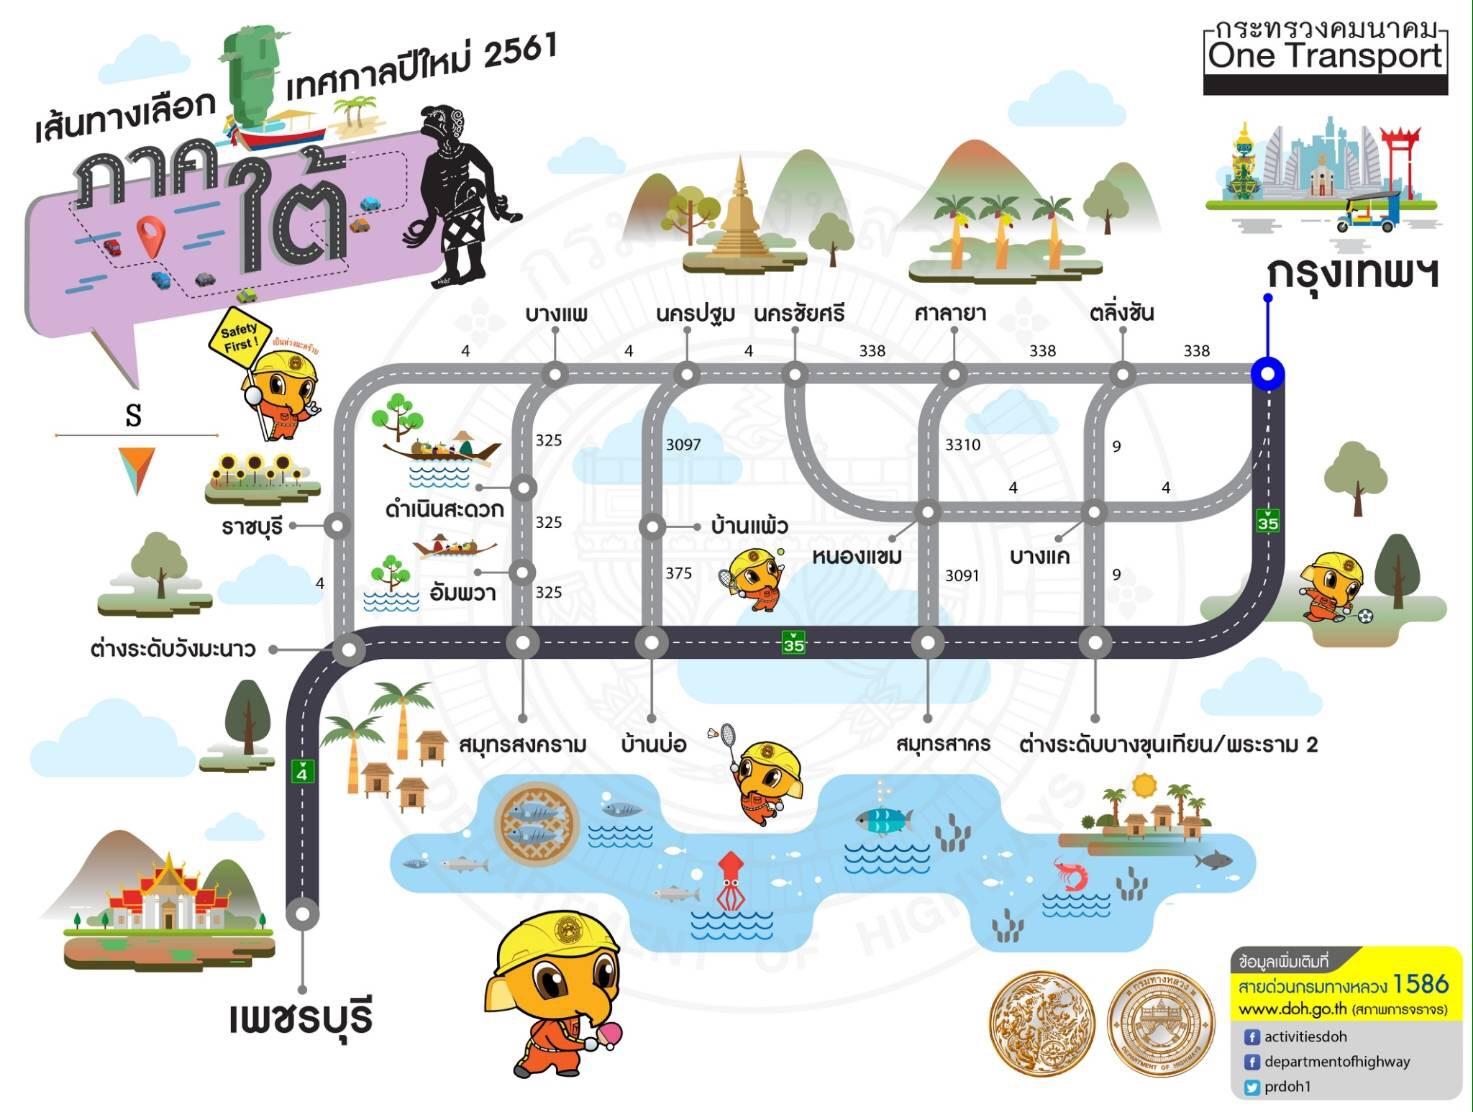 แผนที่เส้นทางกรุงเทพ-ภาคใต้